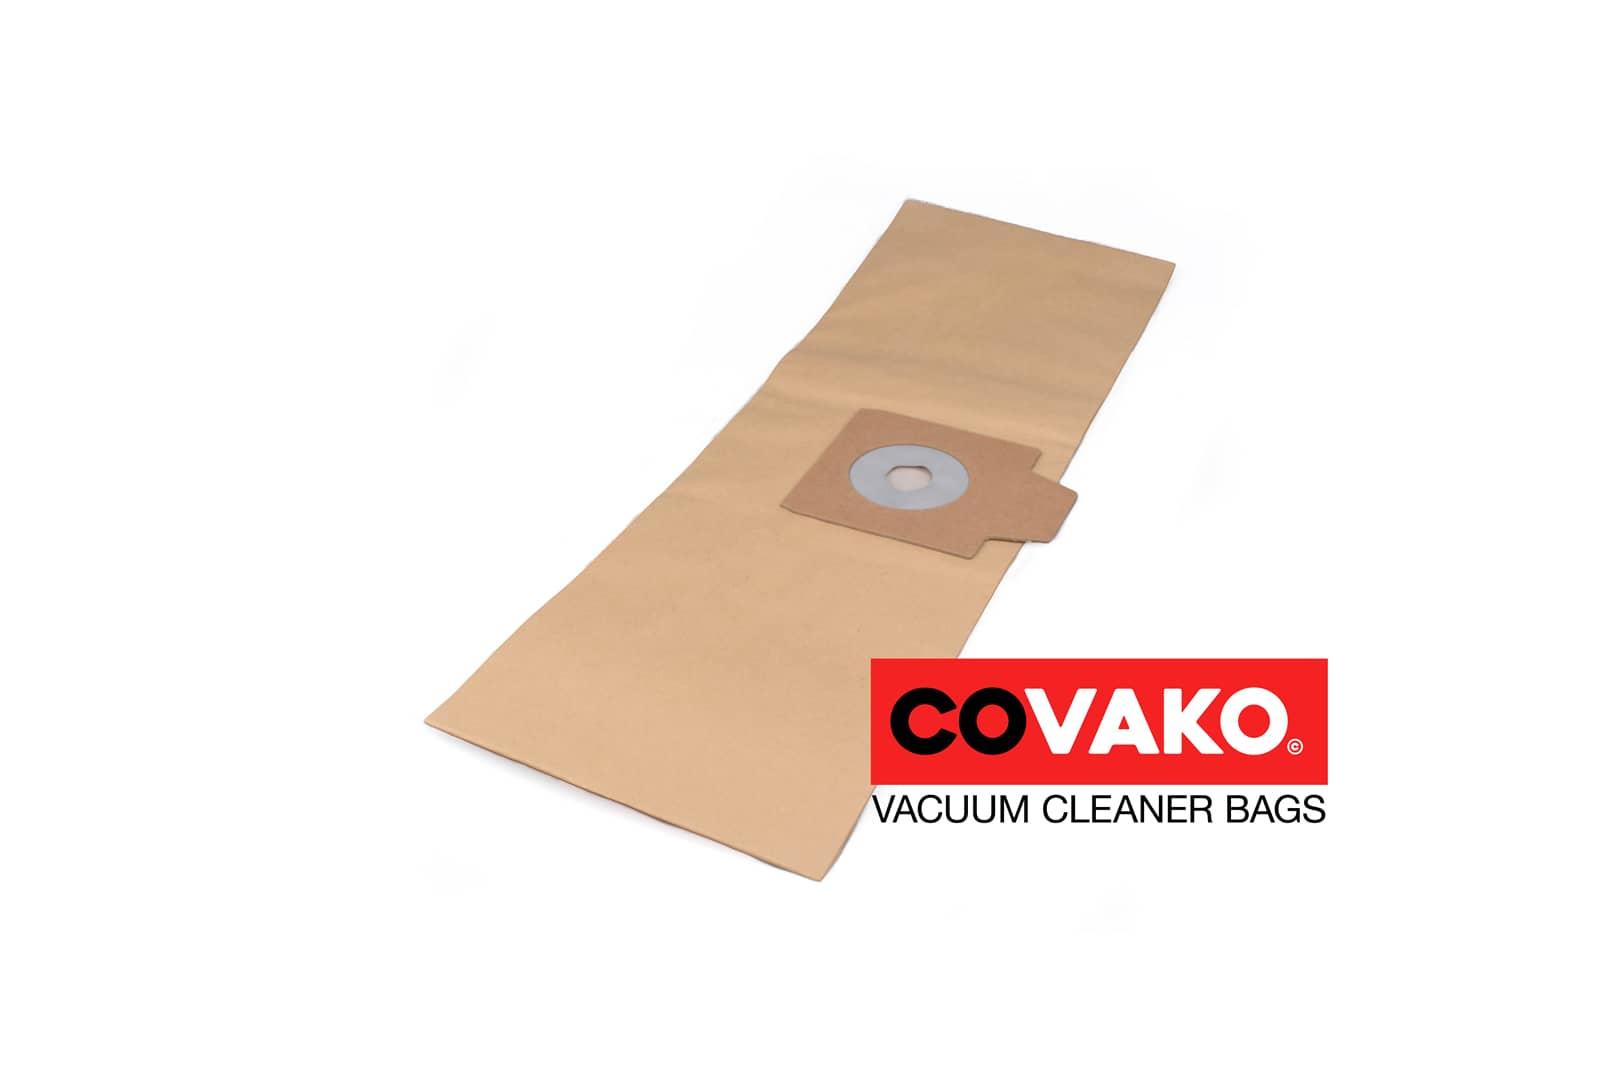 Electrolux UZ 872 / Papier - Electrolux sacs d'aspirateur